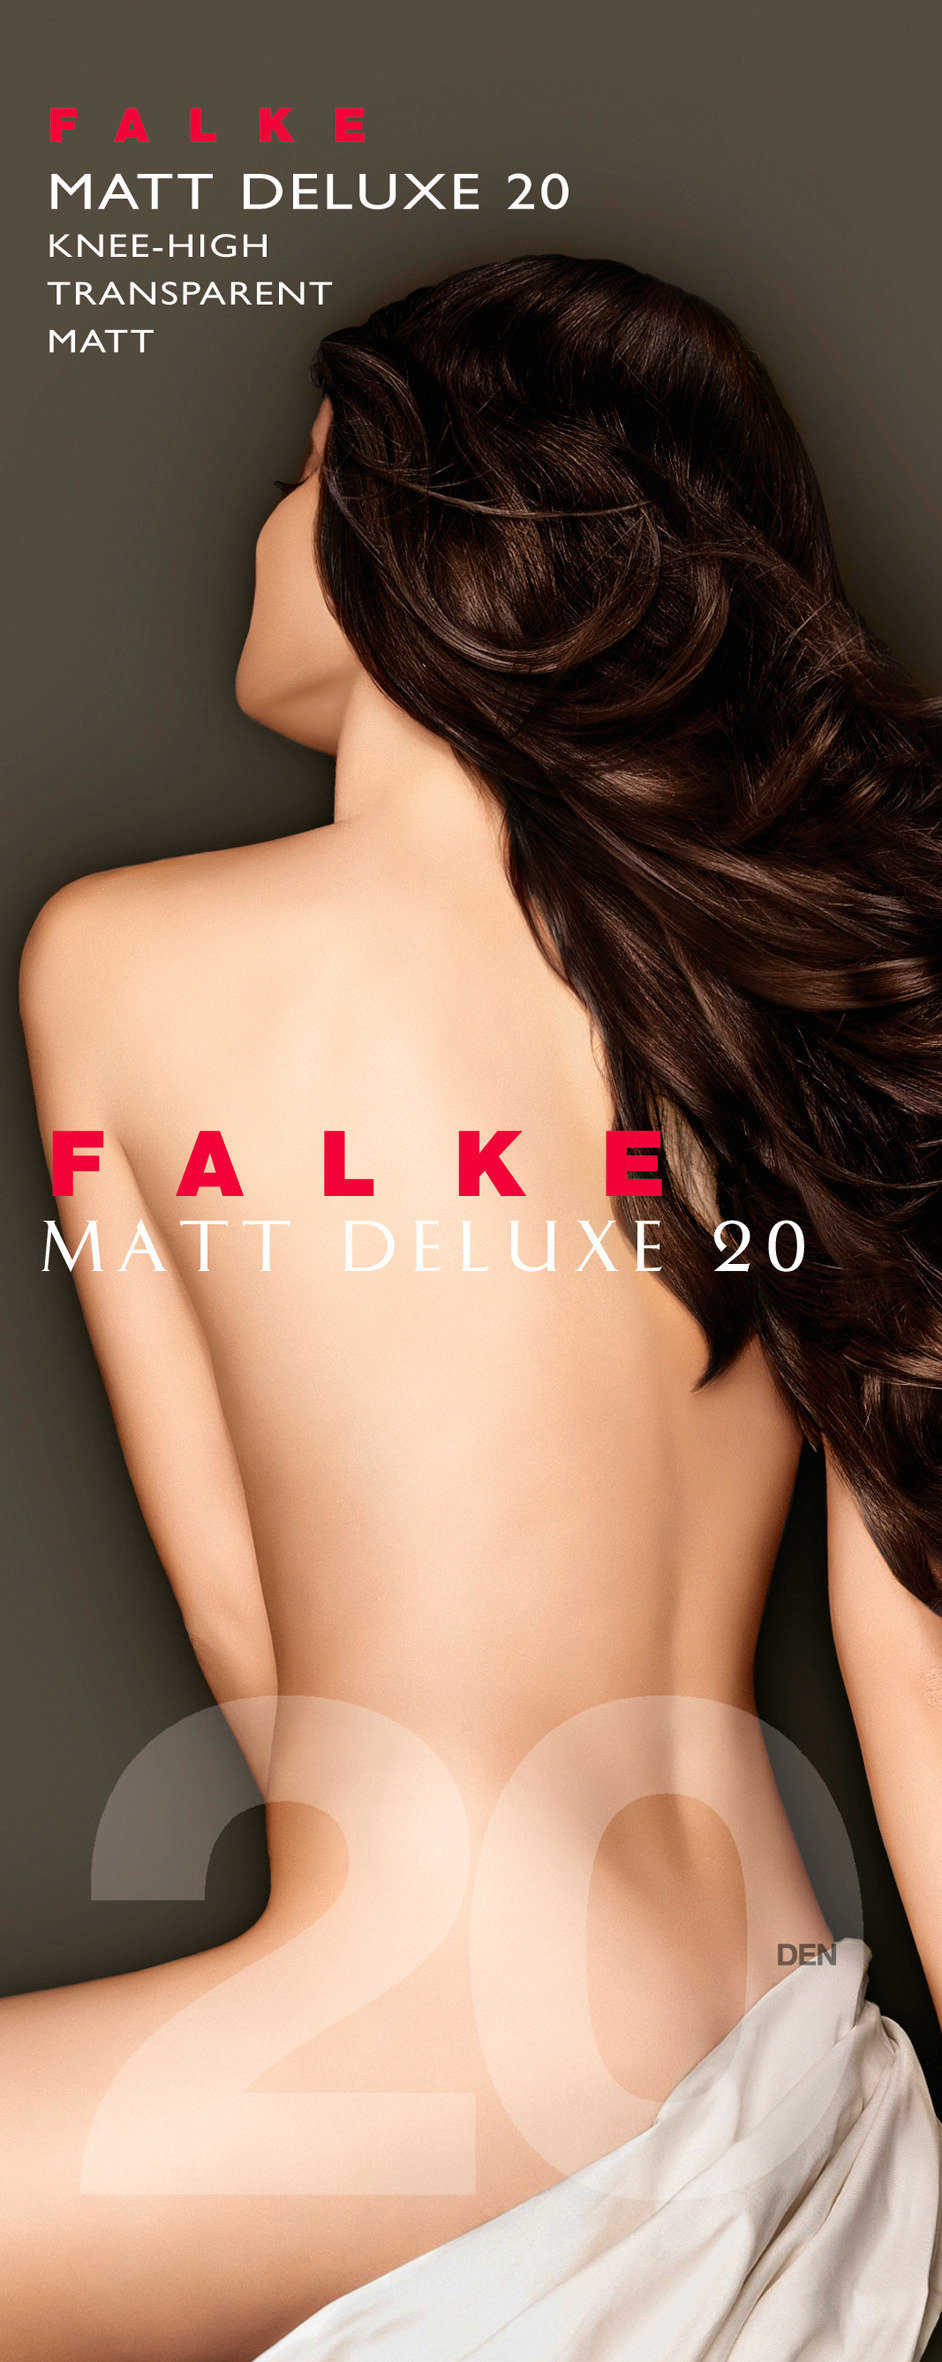 FALKE Matt Deluxe 20 DEN ladies knee socks CRYSTAL